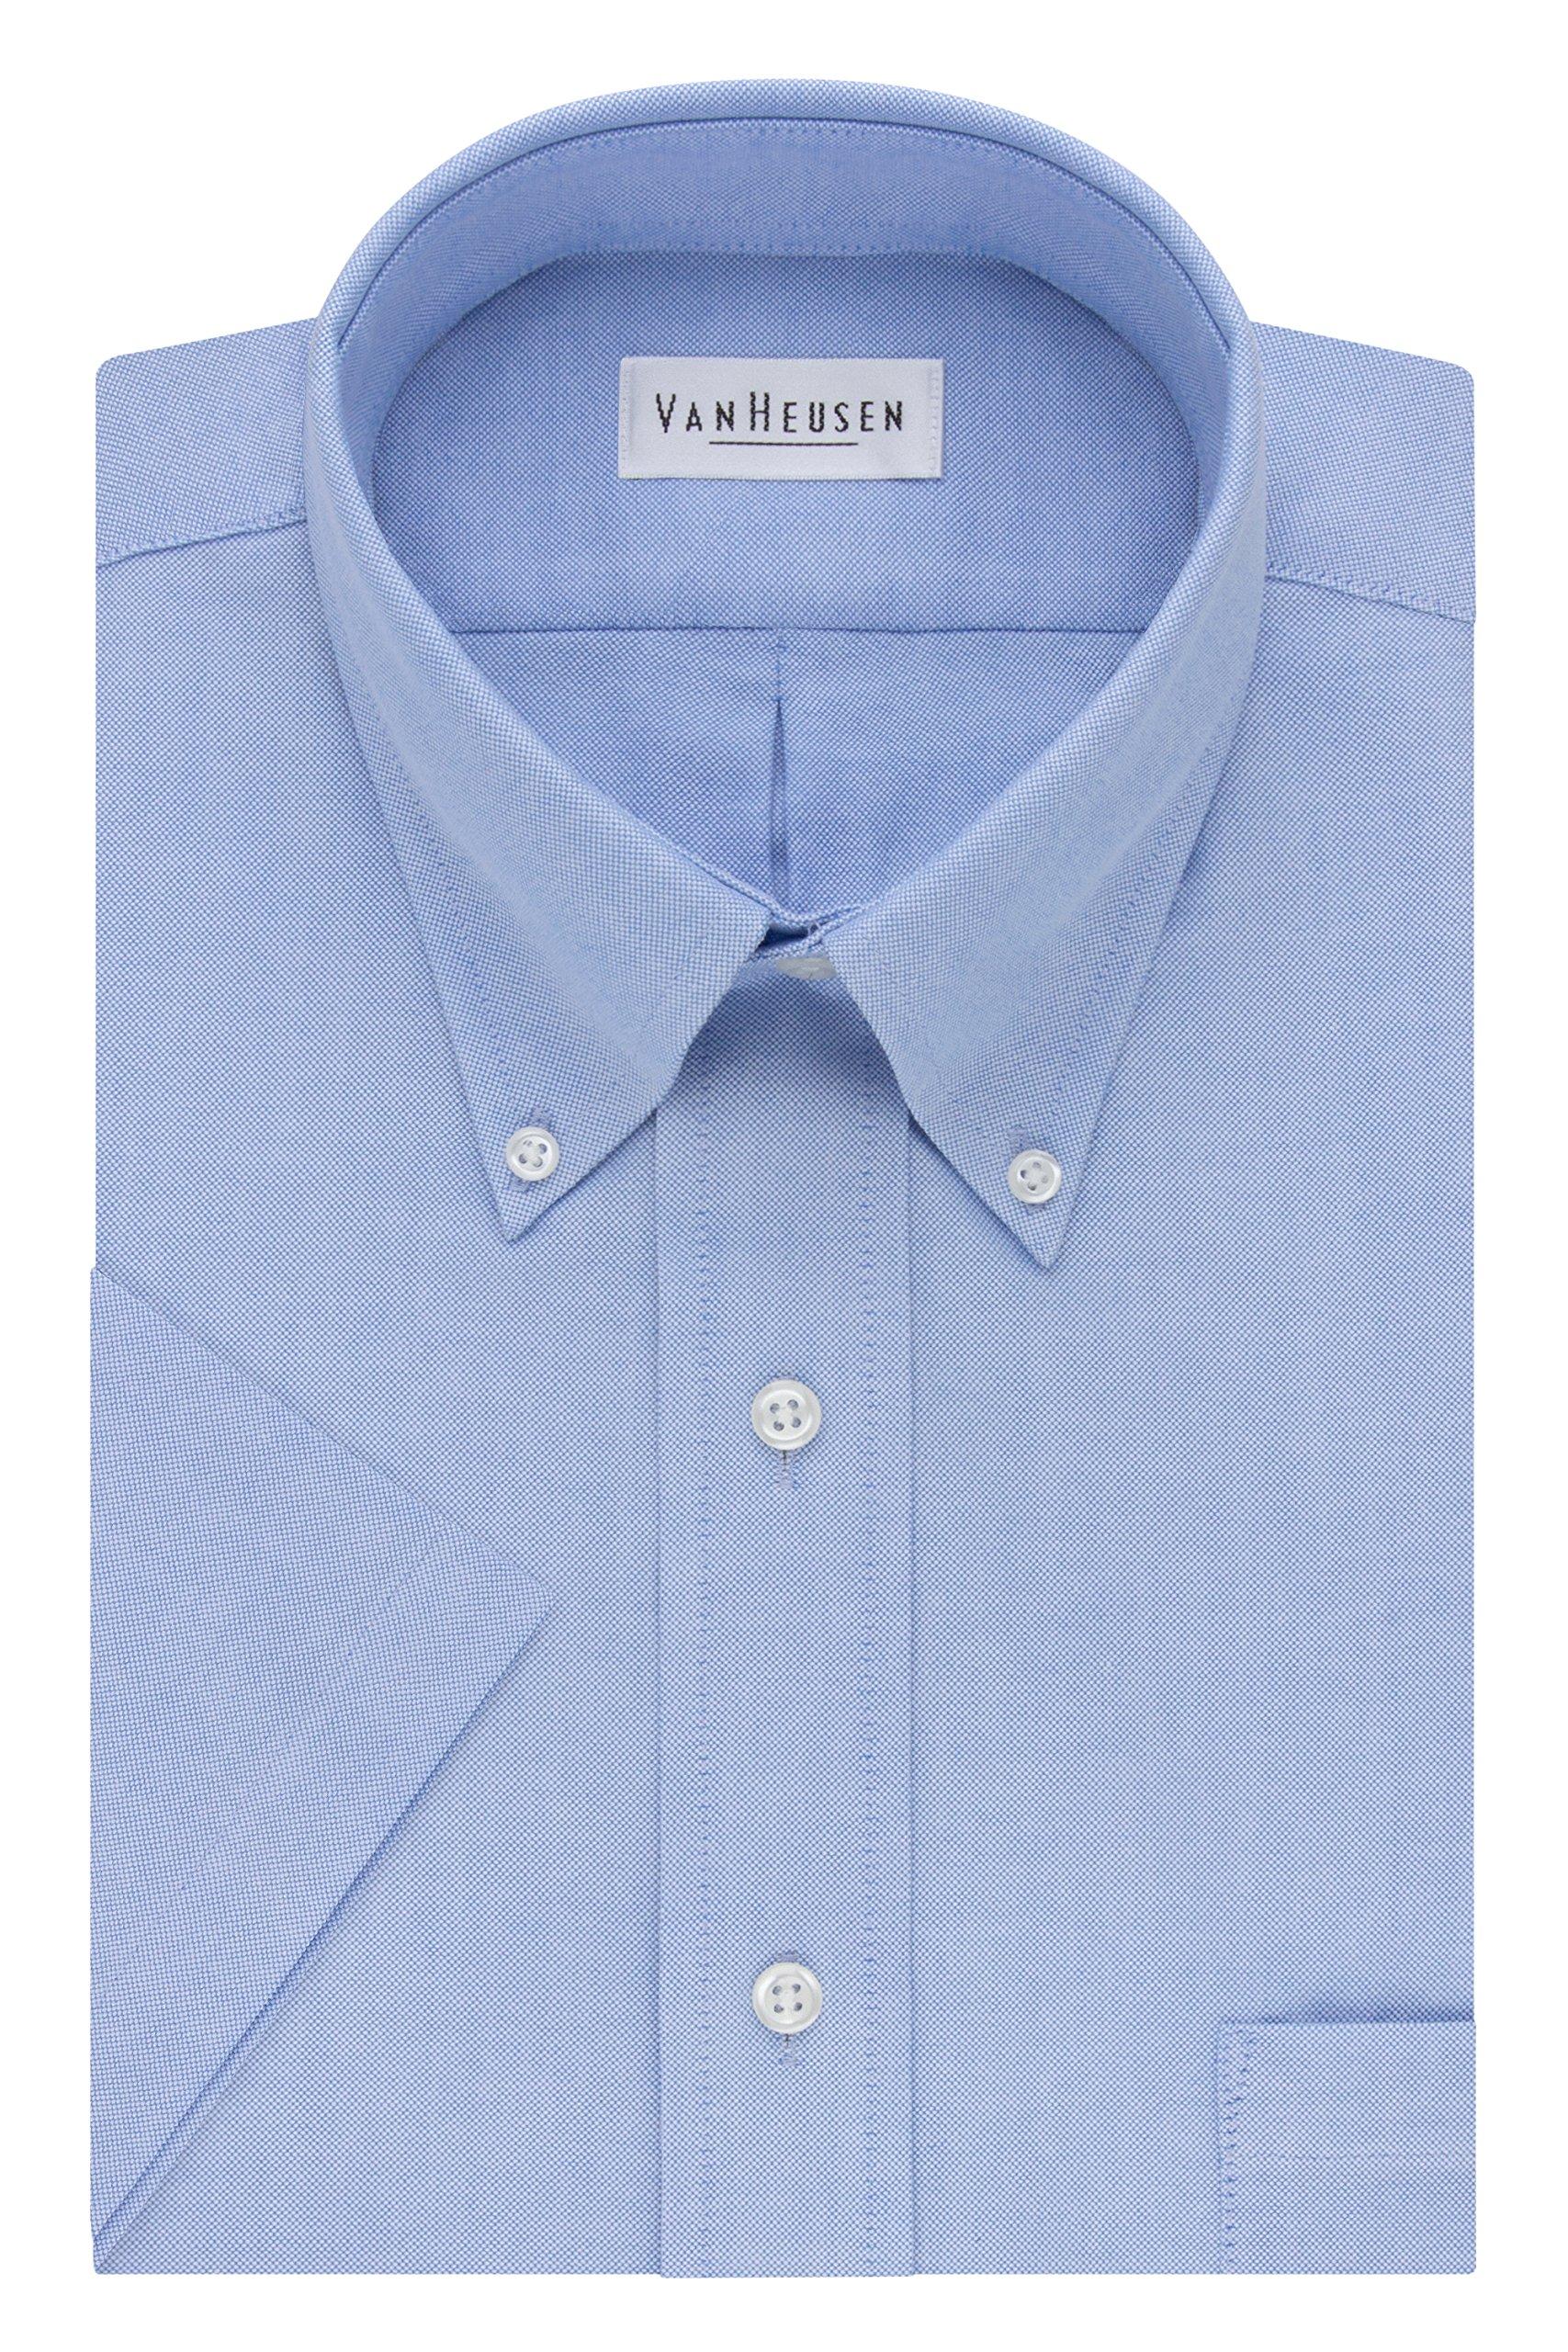 Van Heusen Men's Short-Sleeve Oxford Dress Shirt, Blue, 17.5''